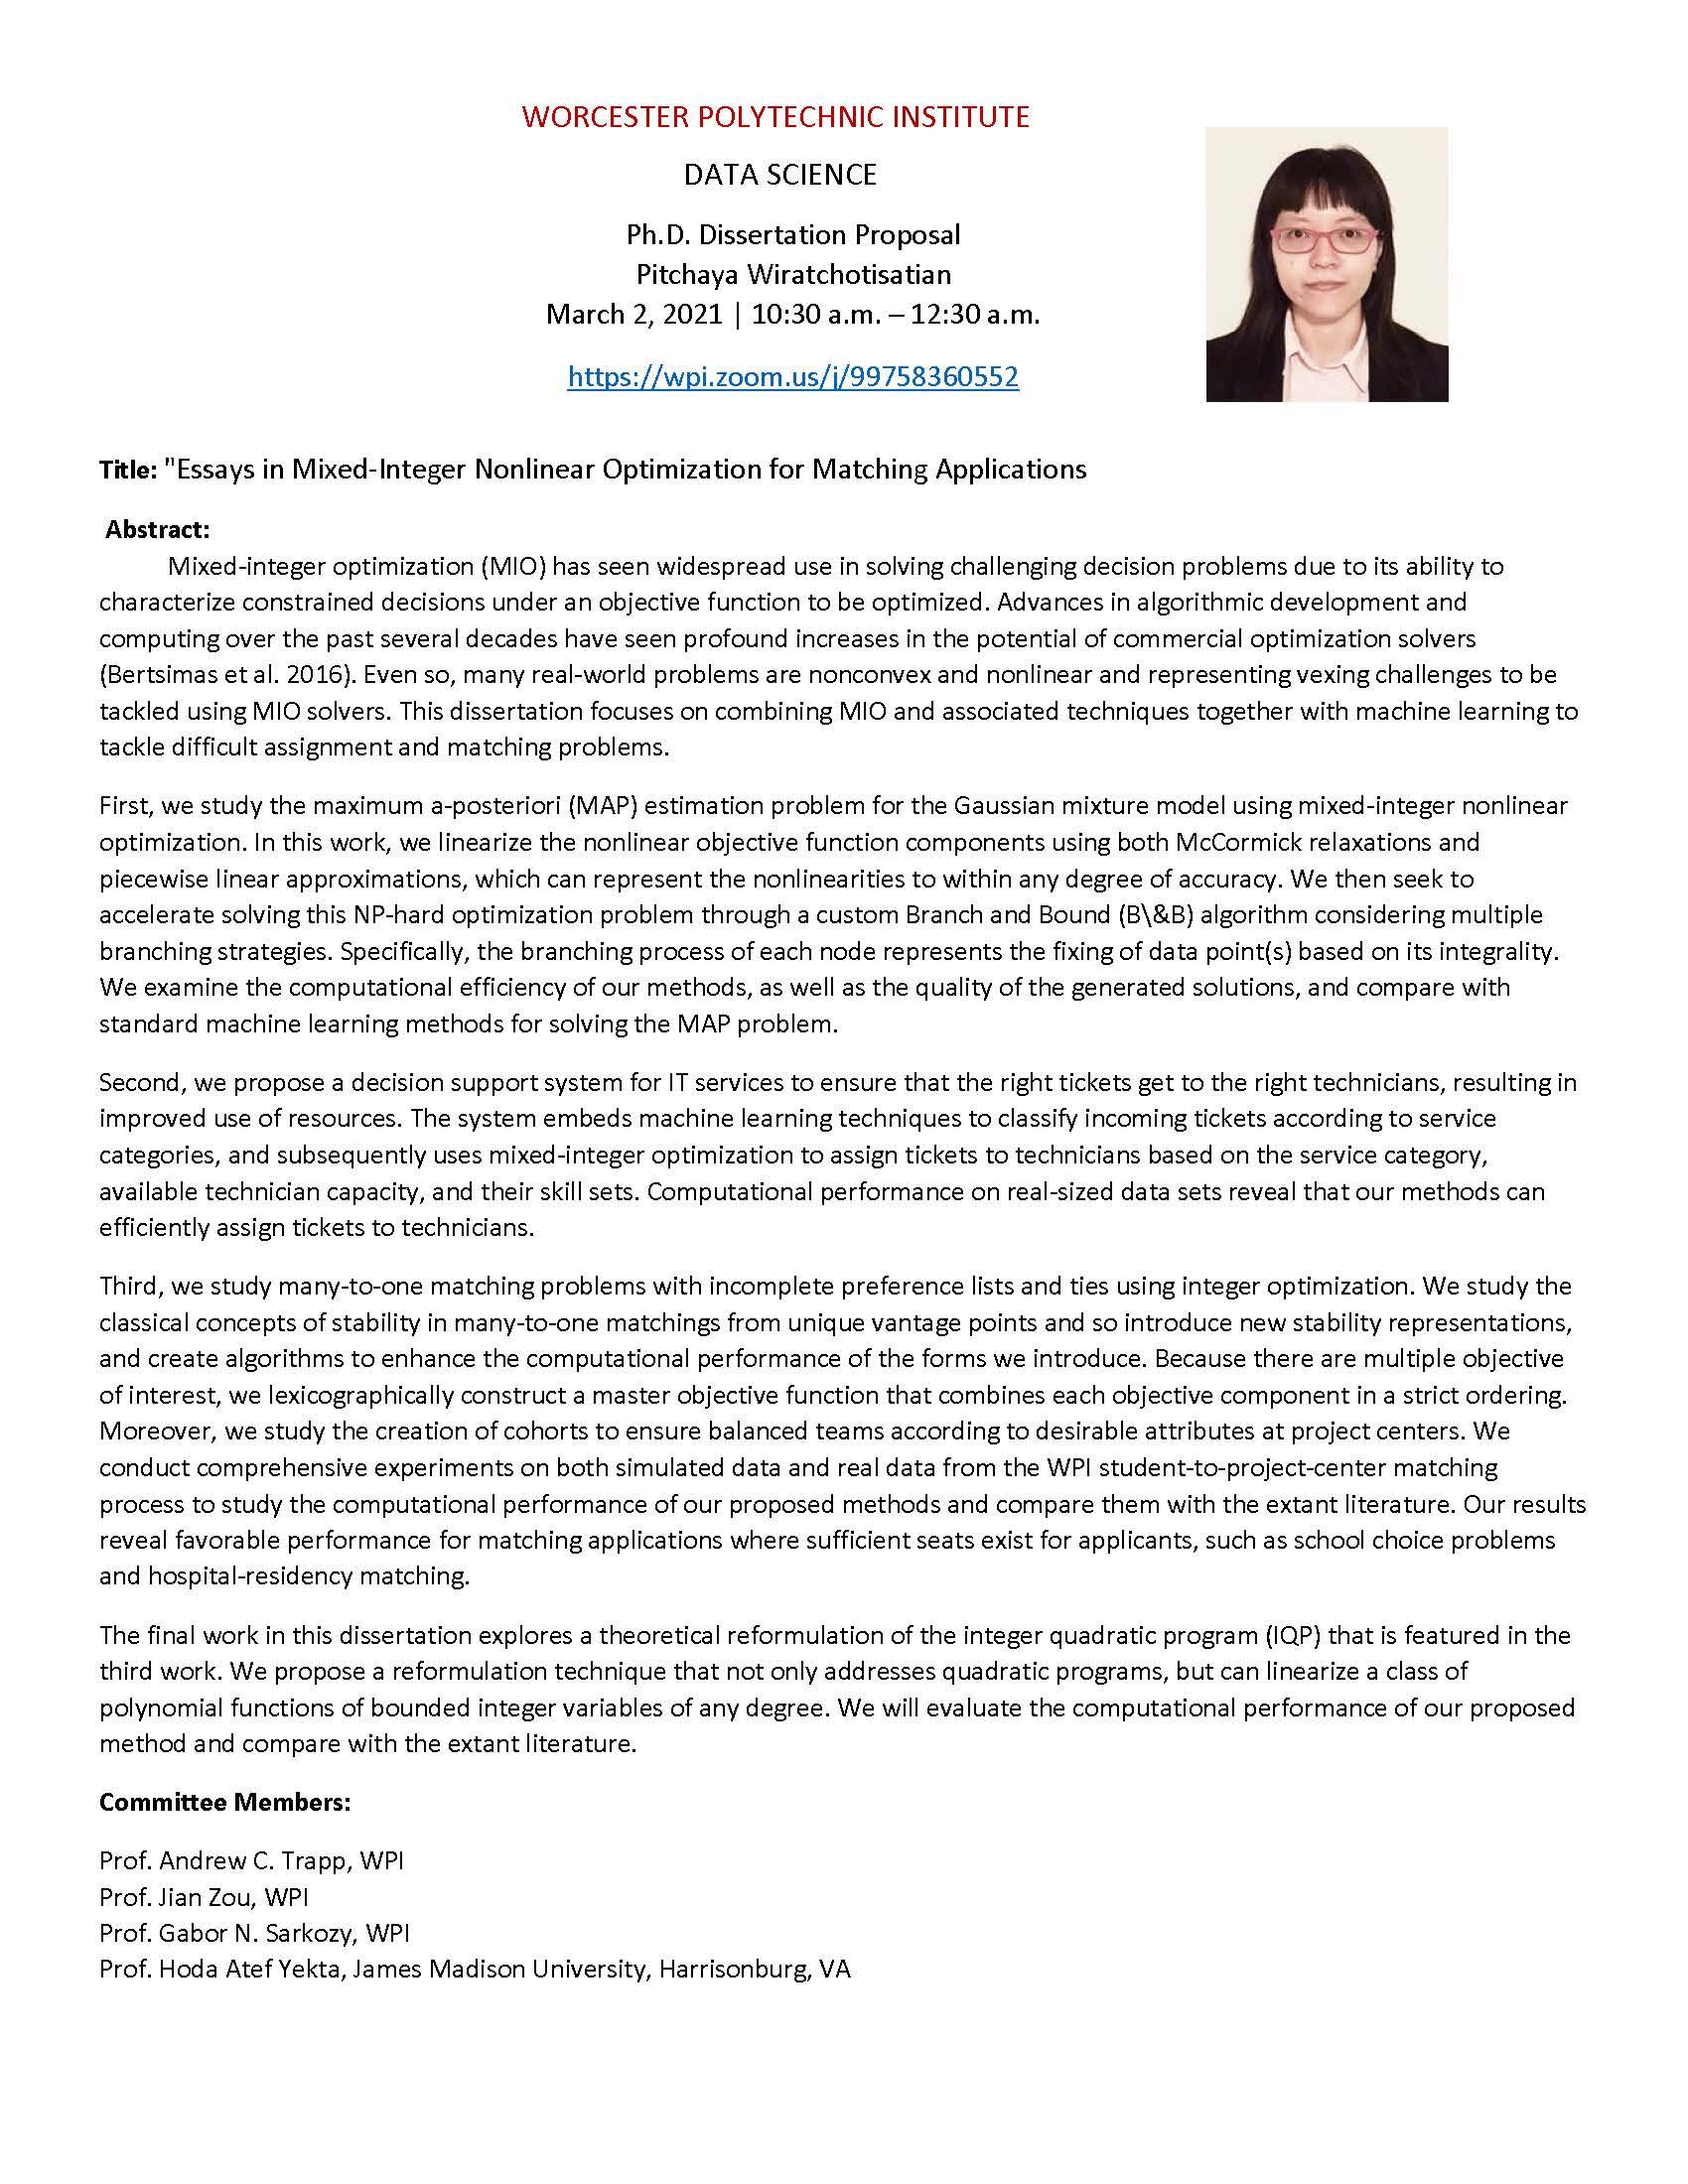 Ph.D. Dissertation Proposal - Pitchaya Wiratchotisatian alt